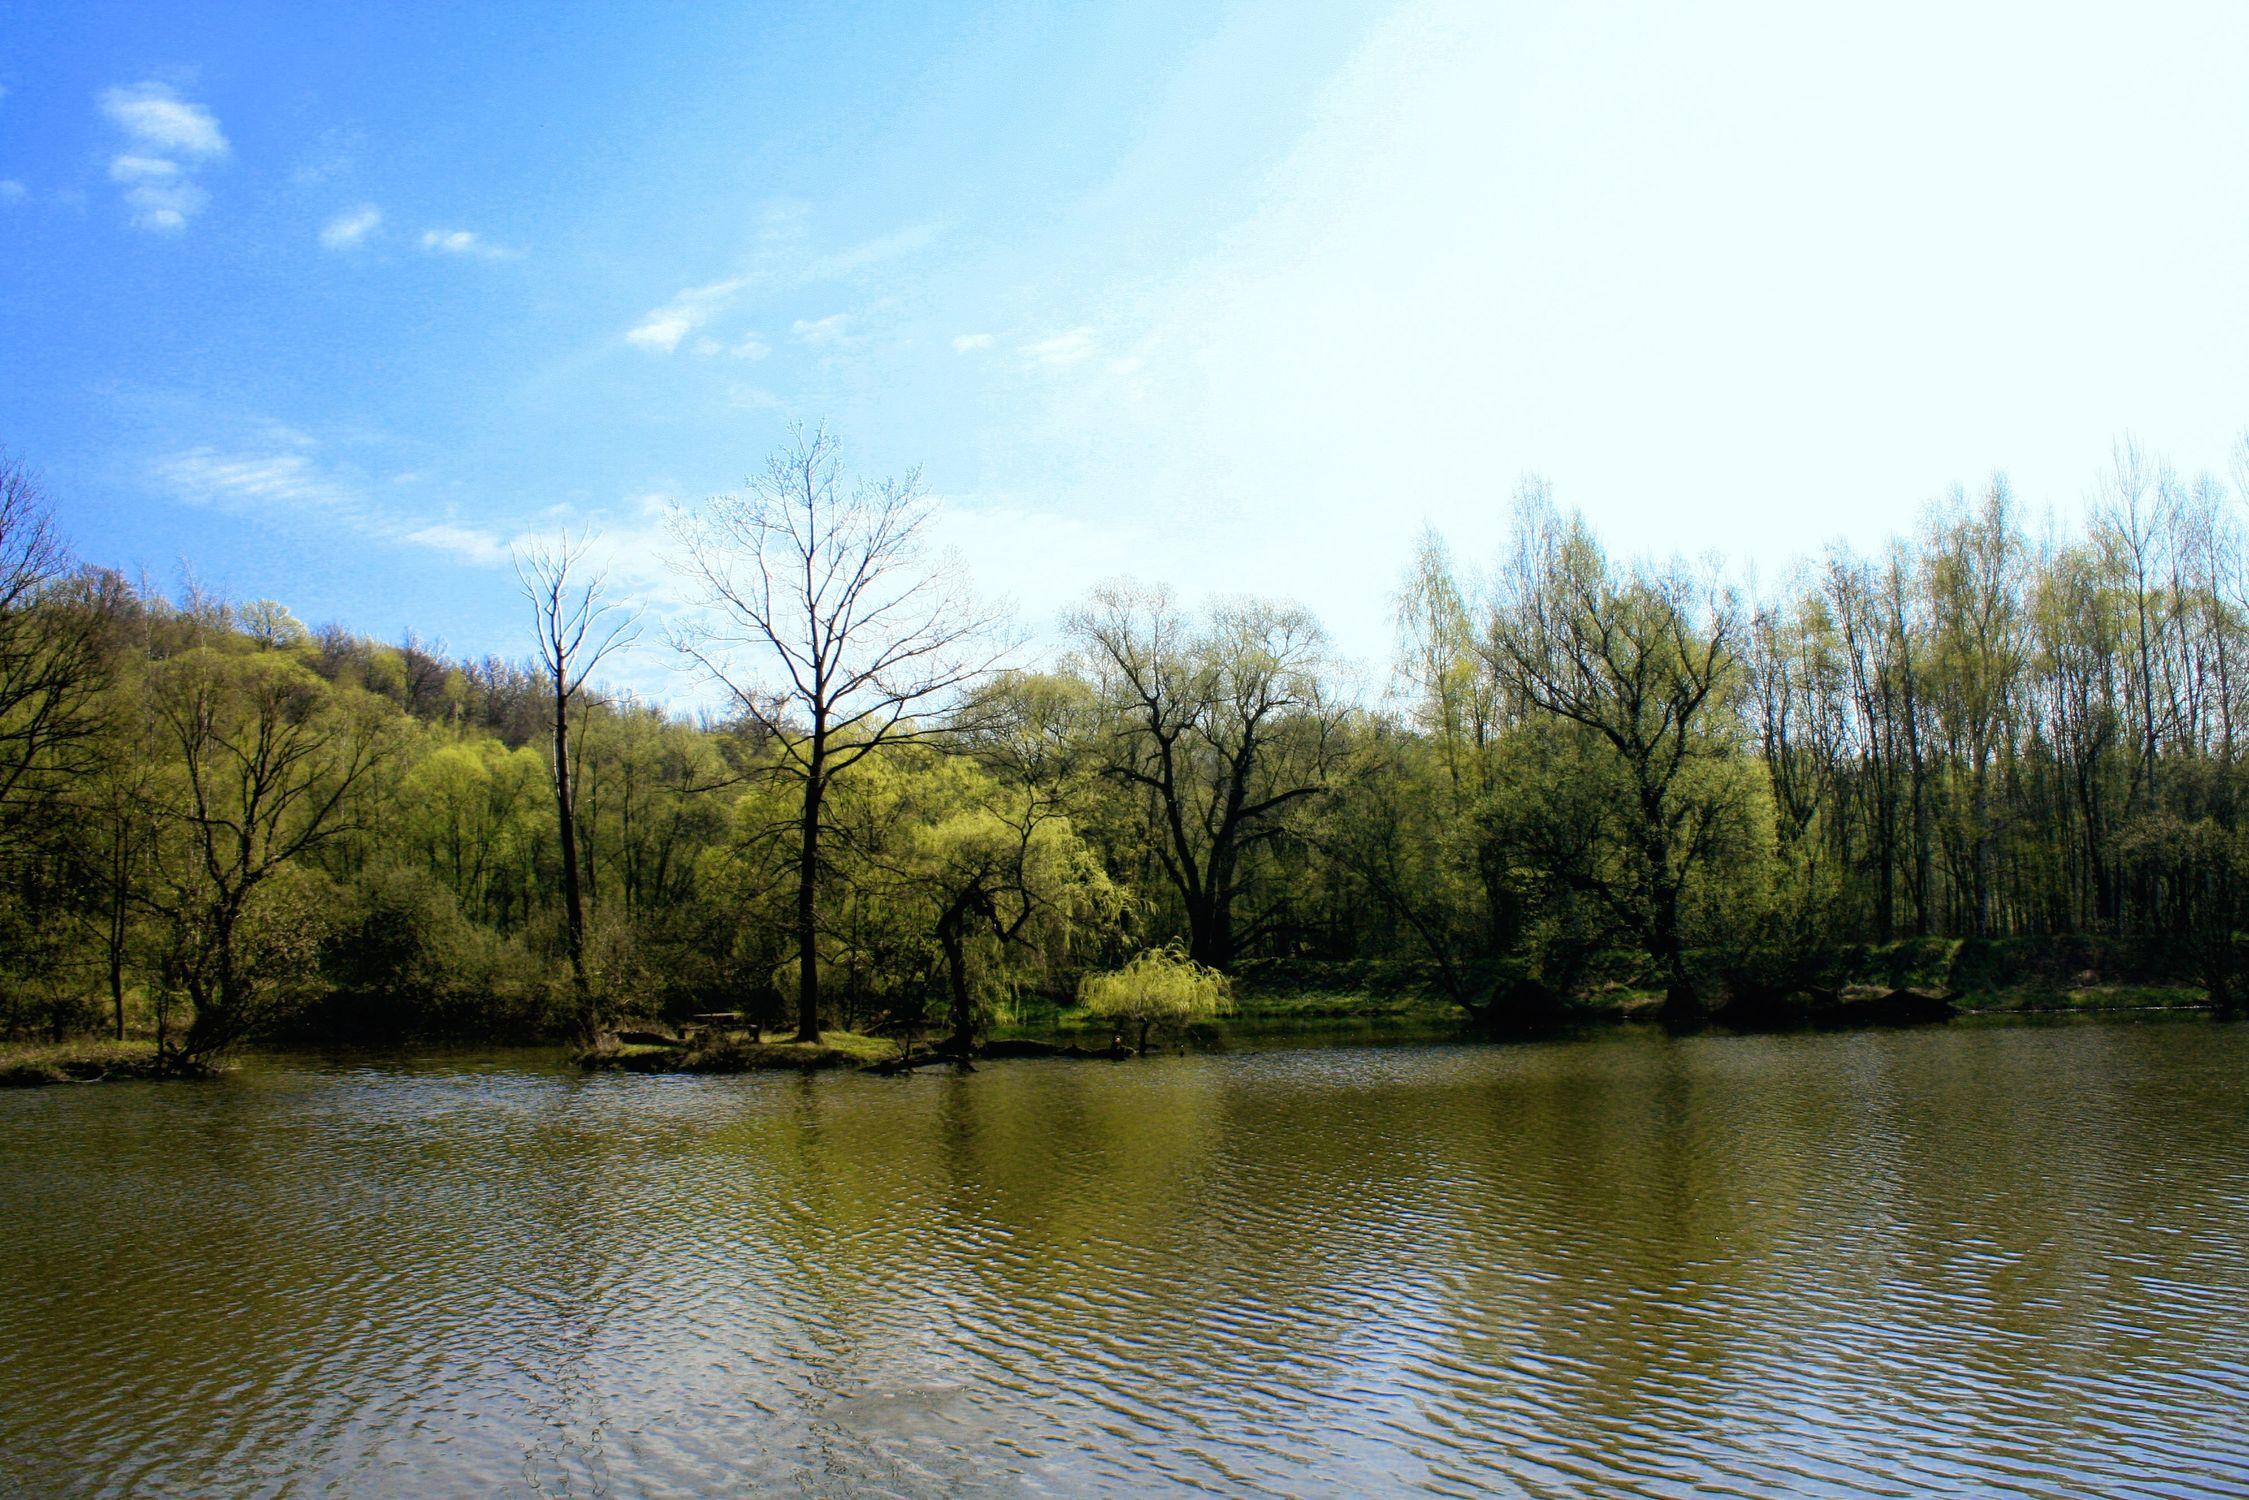 Bild mit Natur, Wasser, Bäume, Gewässer, Küsten und Ufer, Wälder, Seen, Flüsse, Teiche, Stauseen